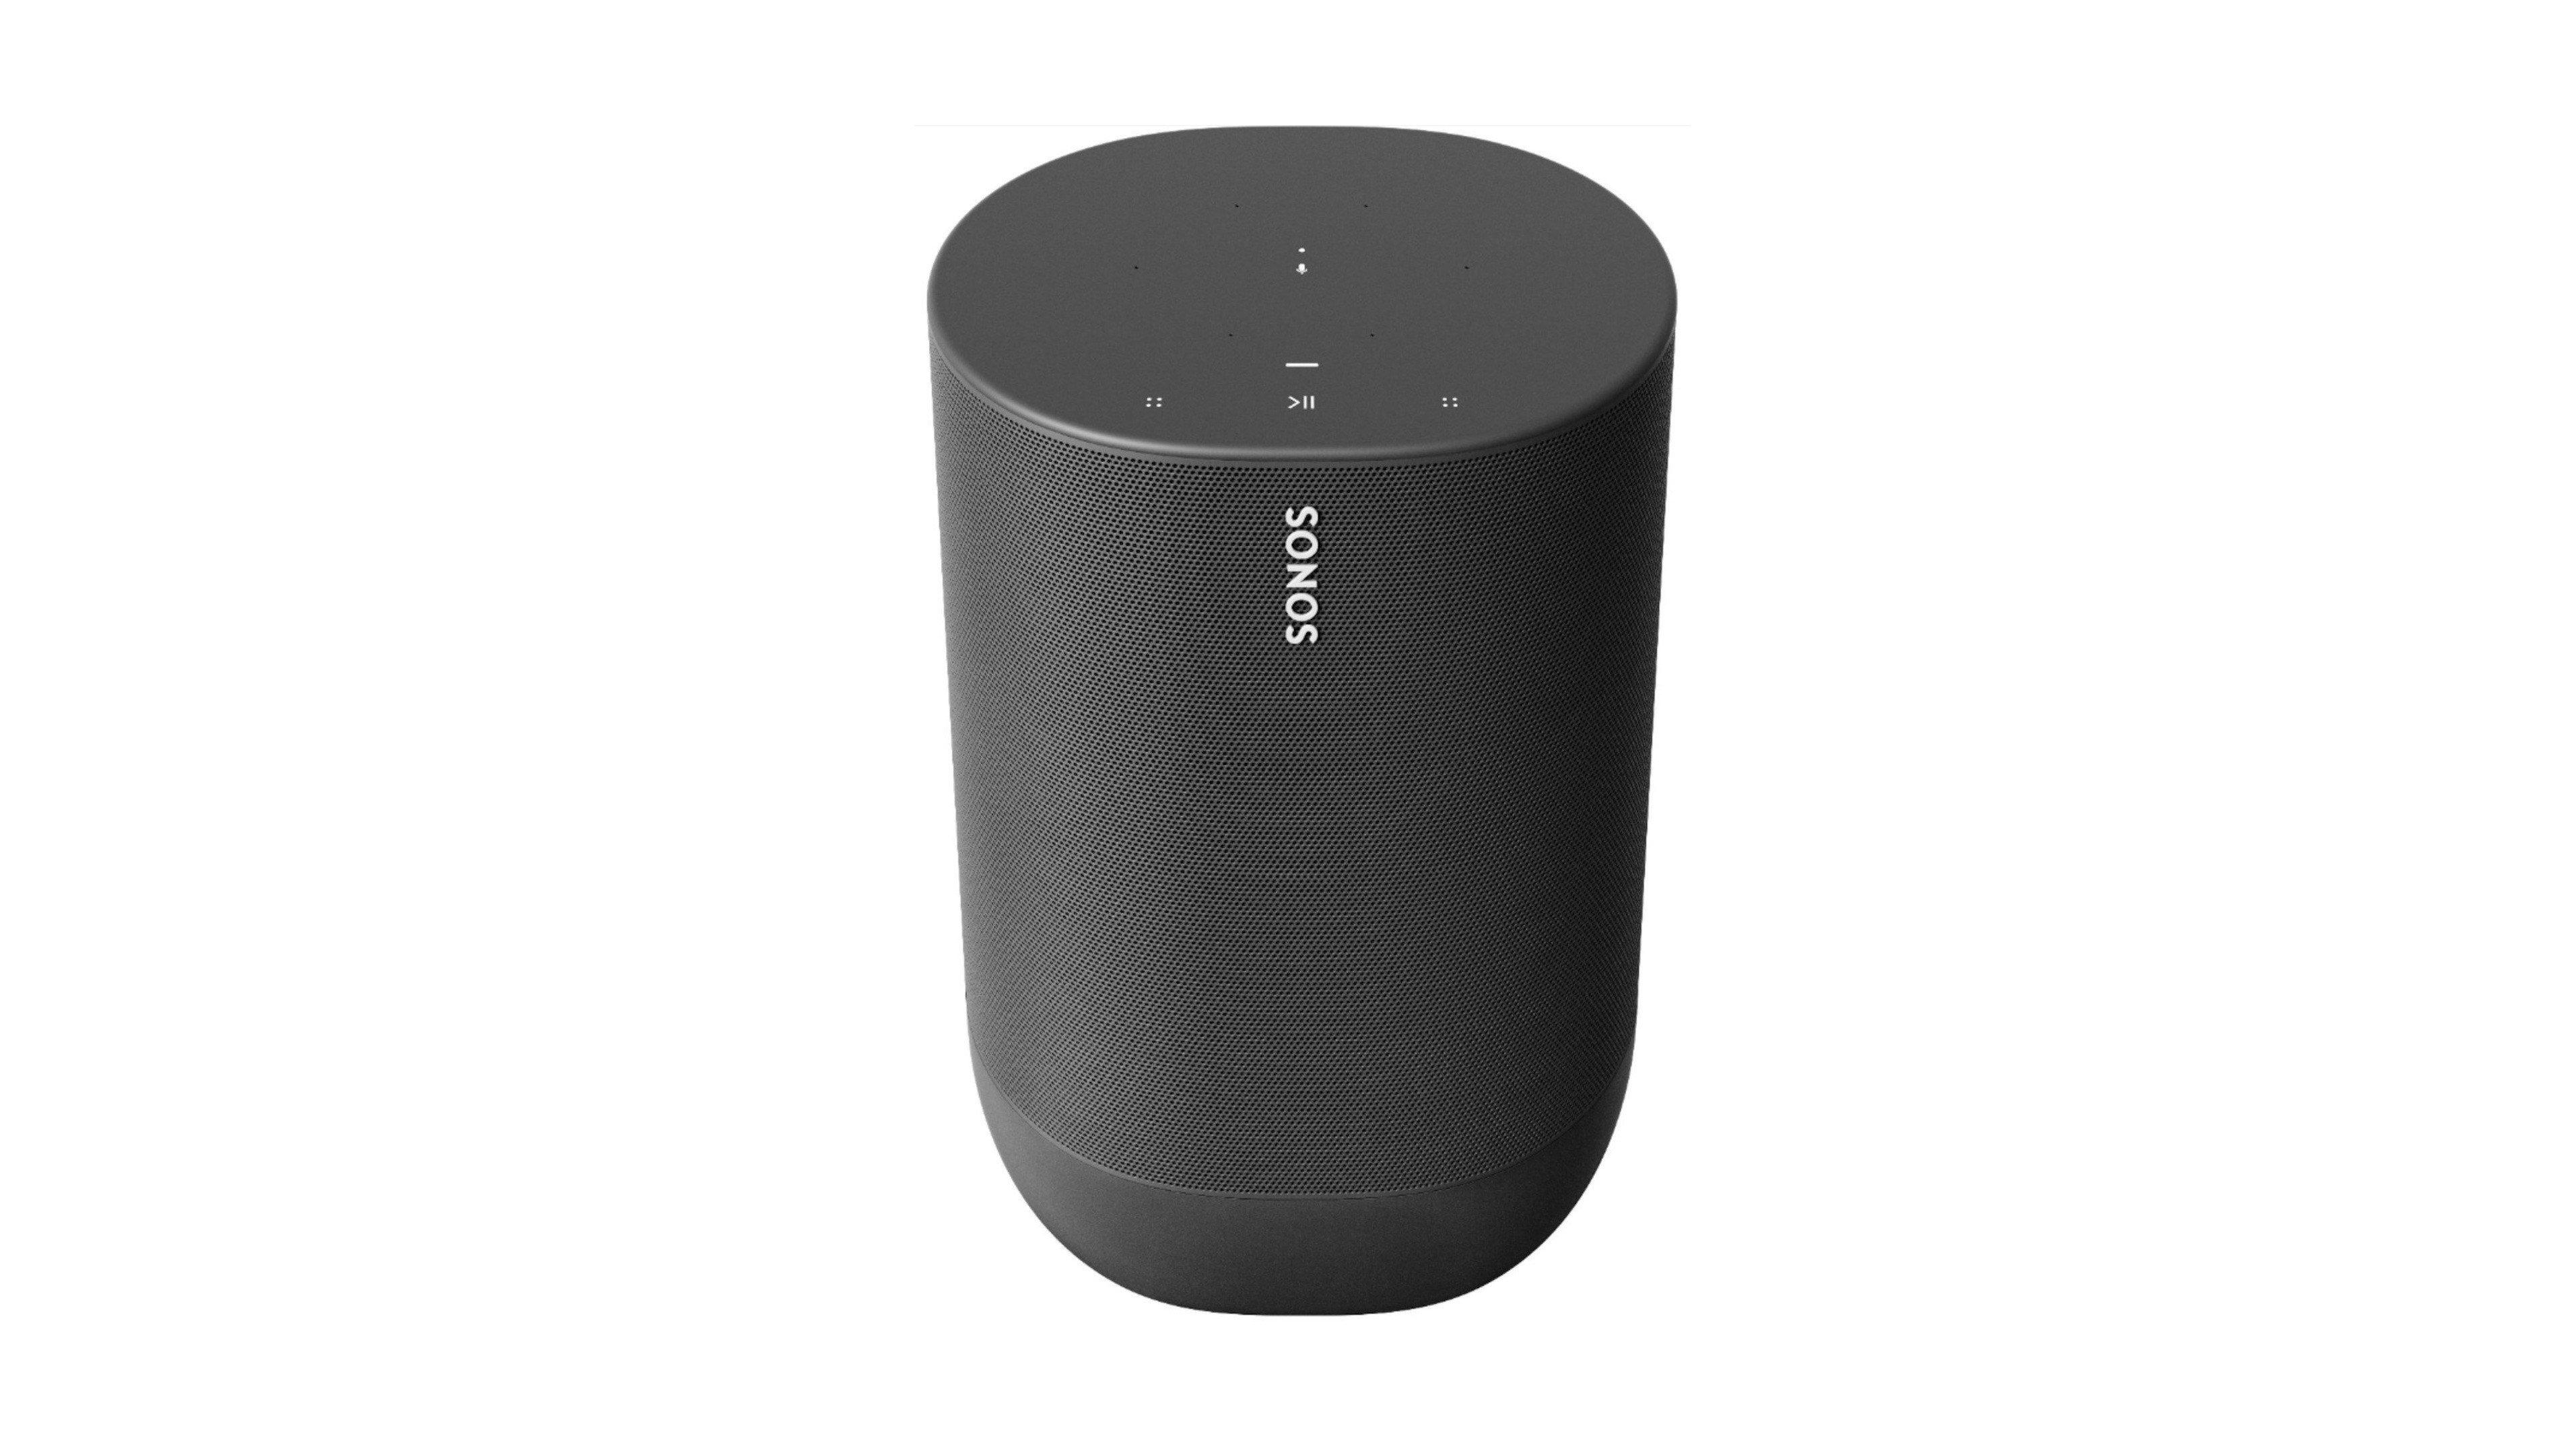 Sonos údajně chystá reproduktor S17 s podporou AirPlay 2